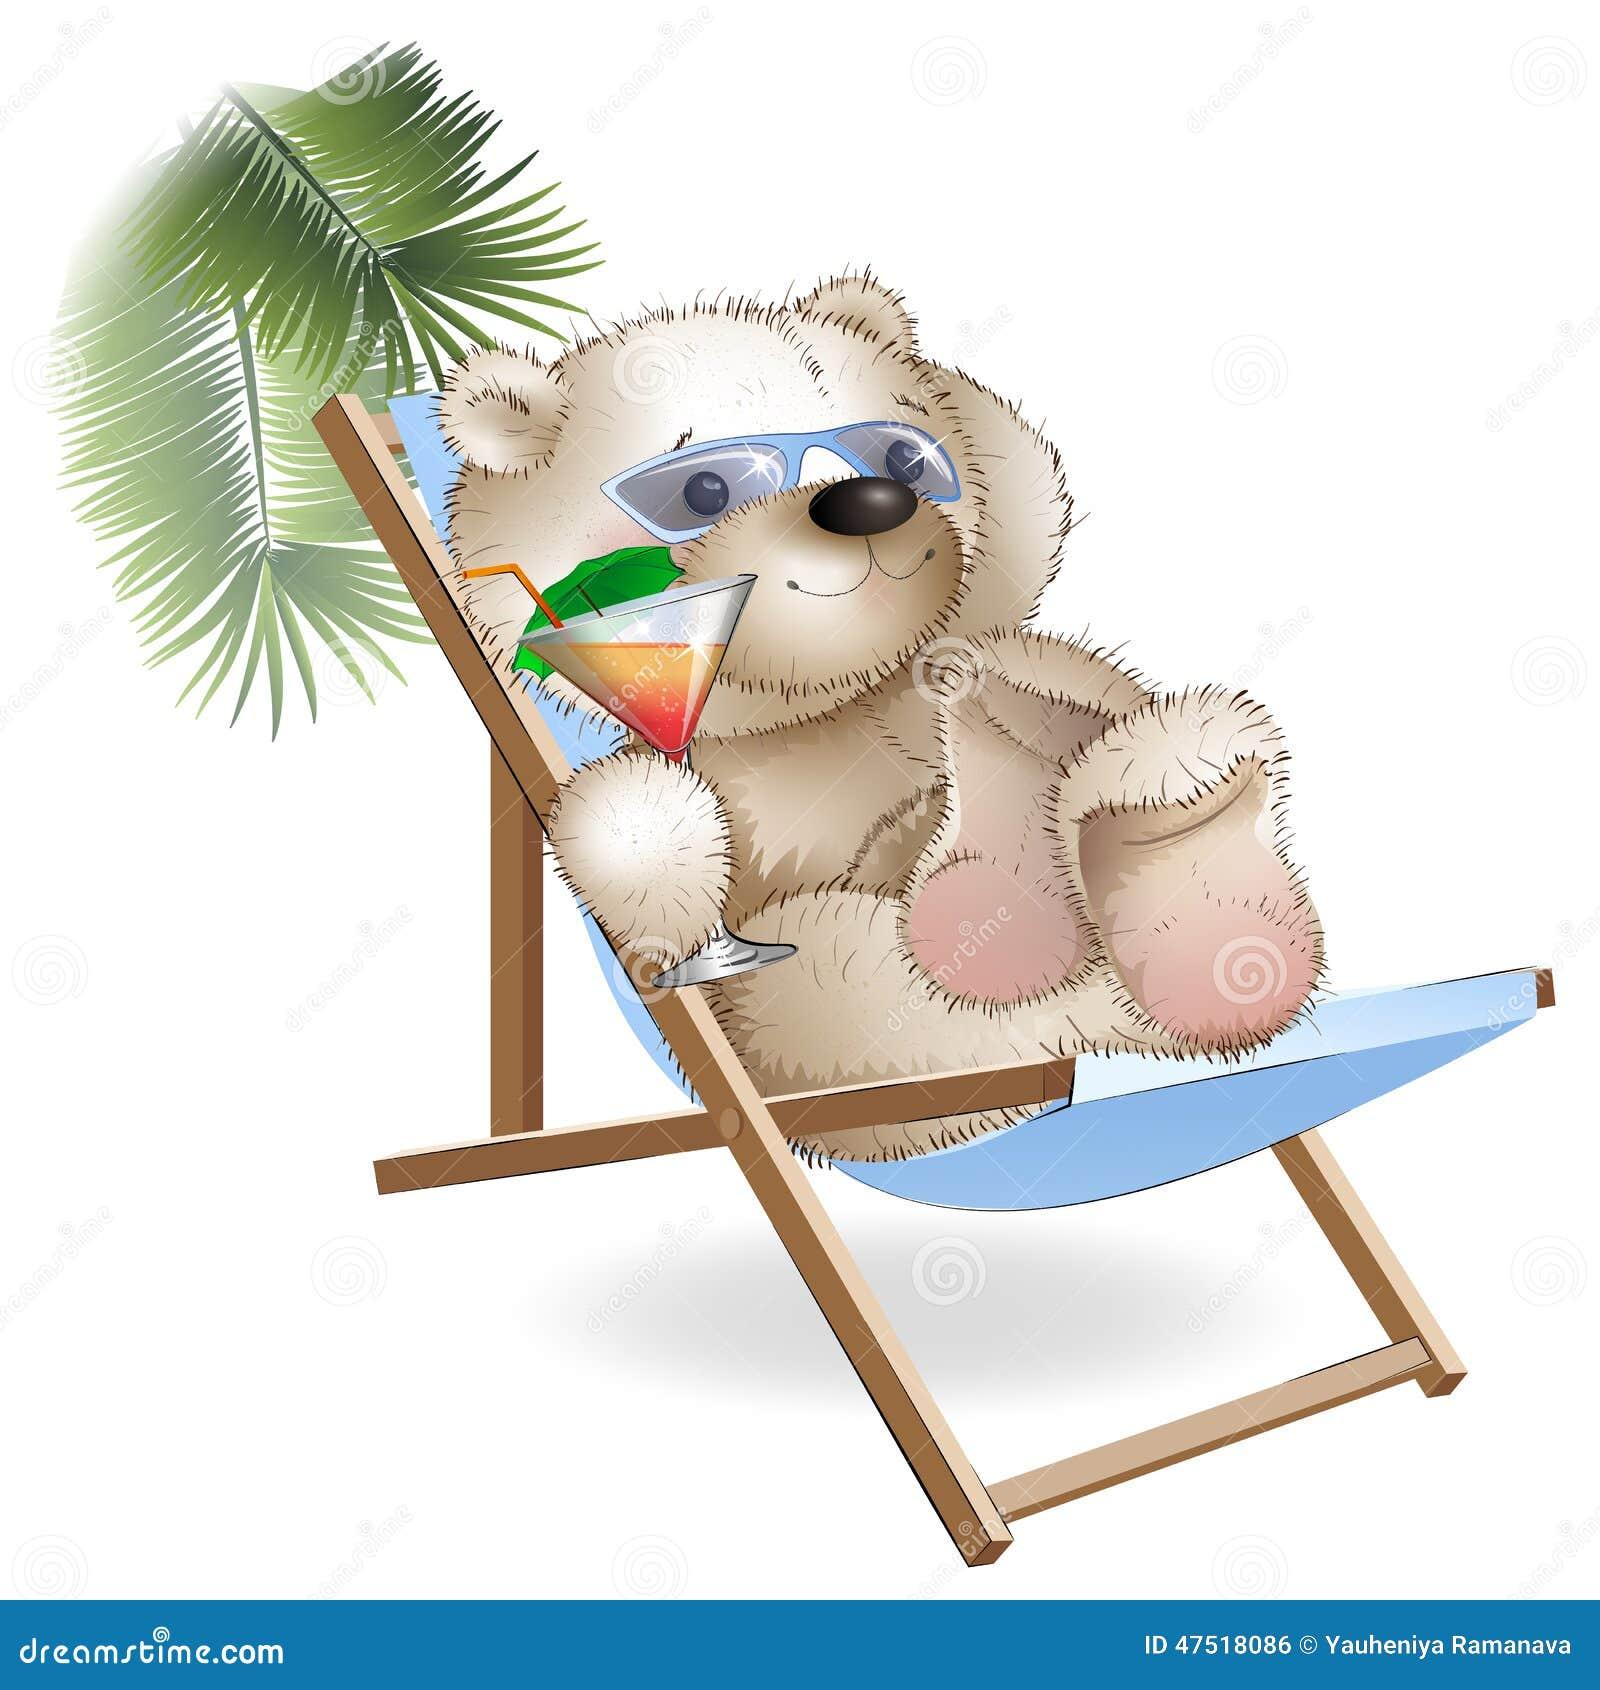 Teddy Bear Business Idea